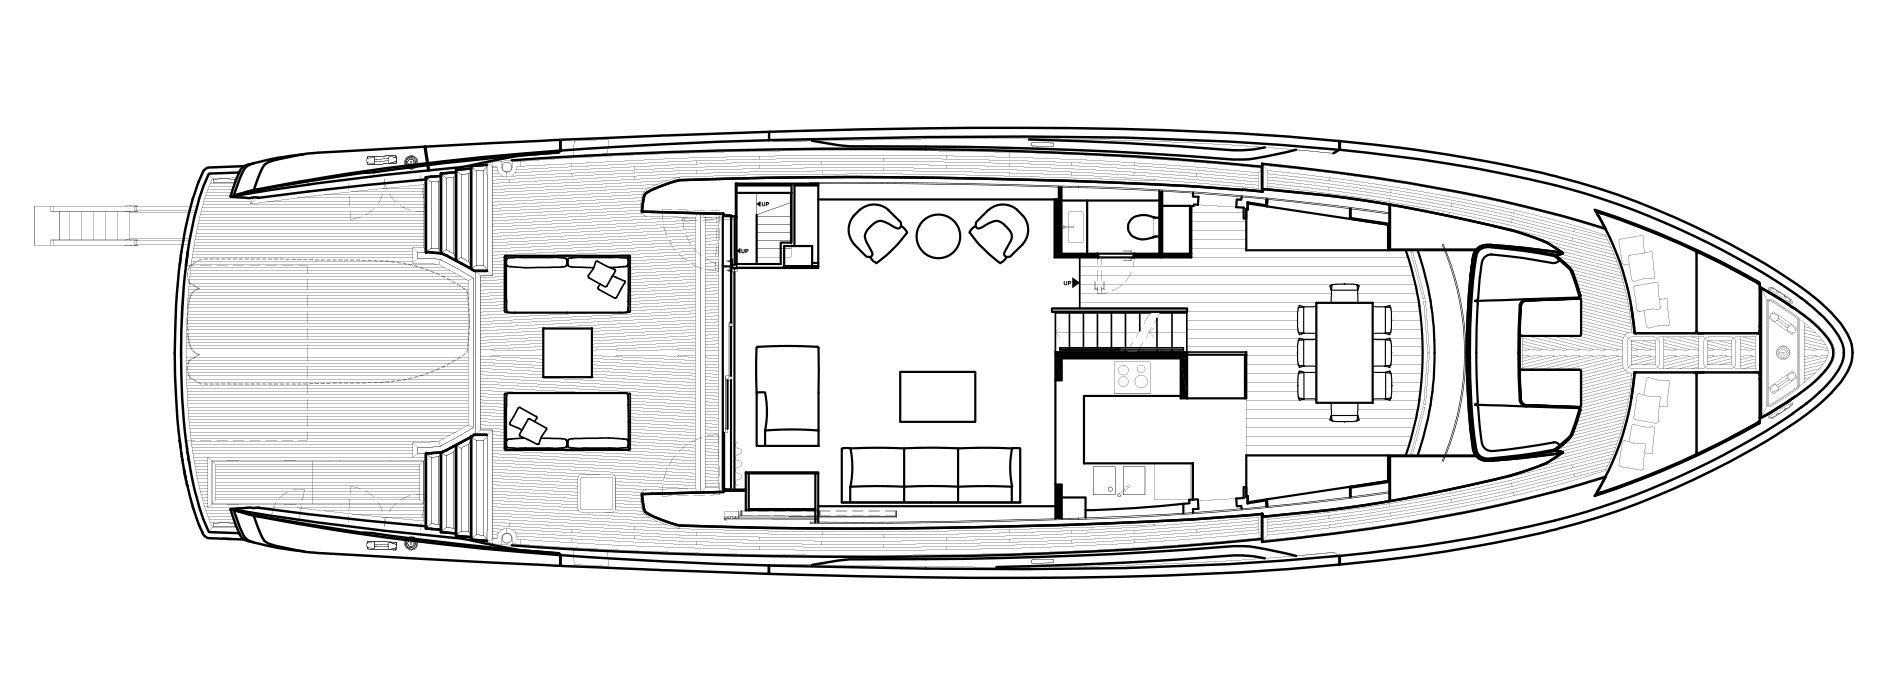 Sanlorenzo Yachts SX88 Hauptdeck Versione A Open Galley